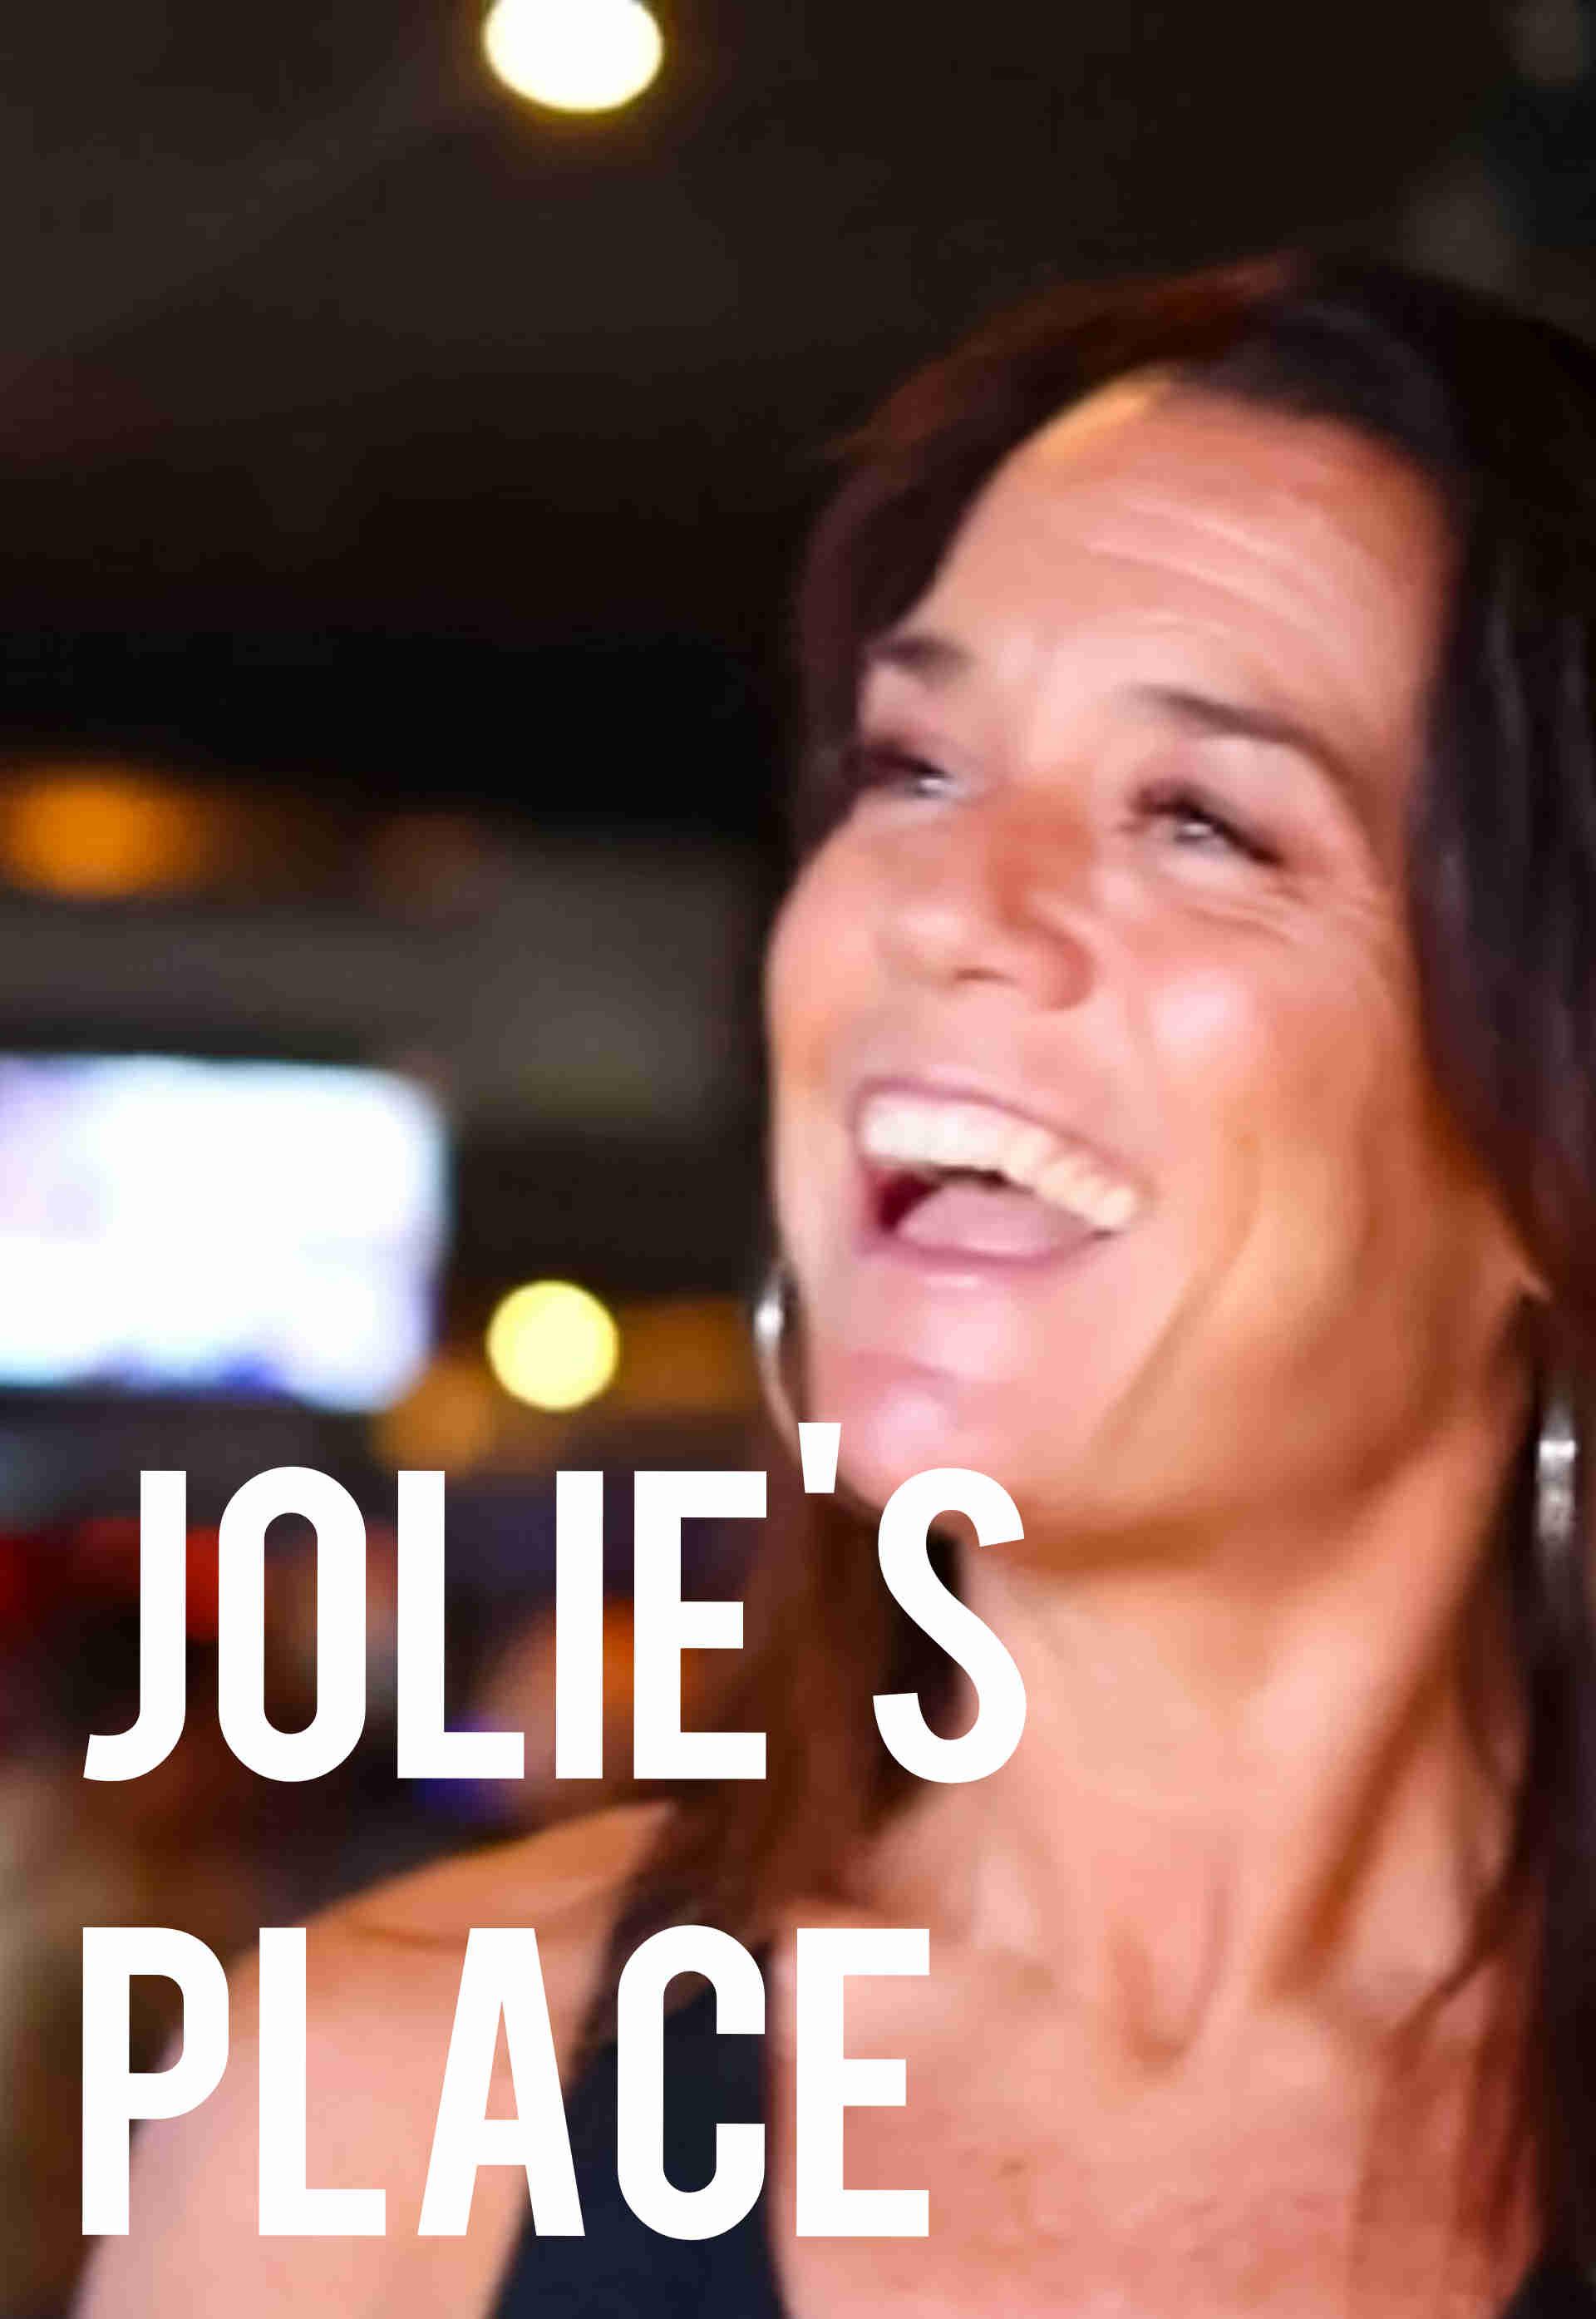 Jolie's Place